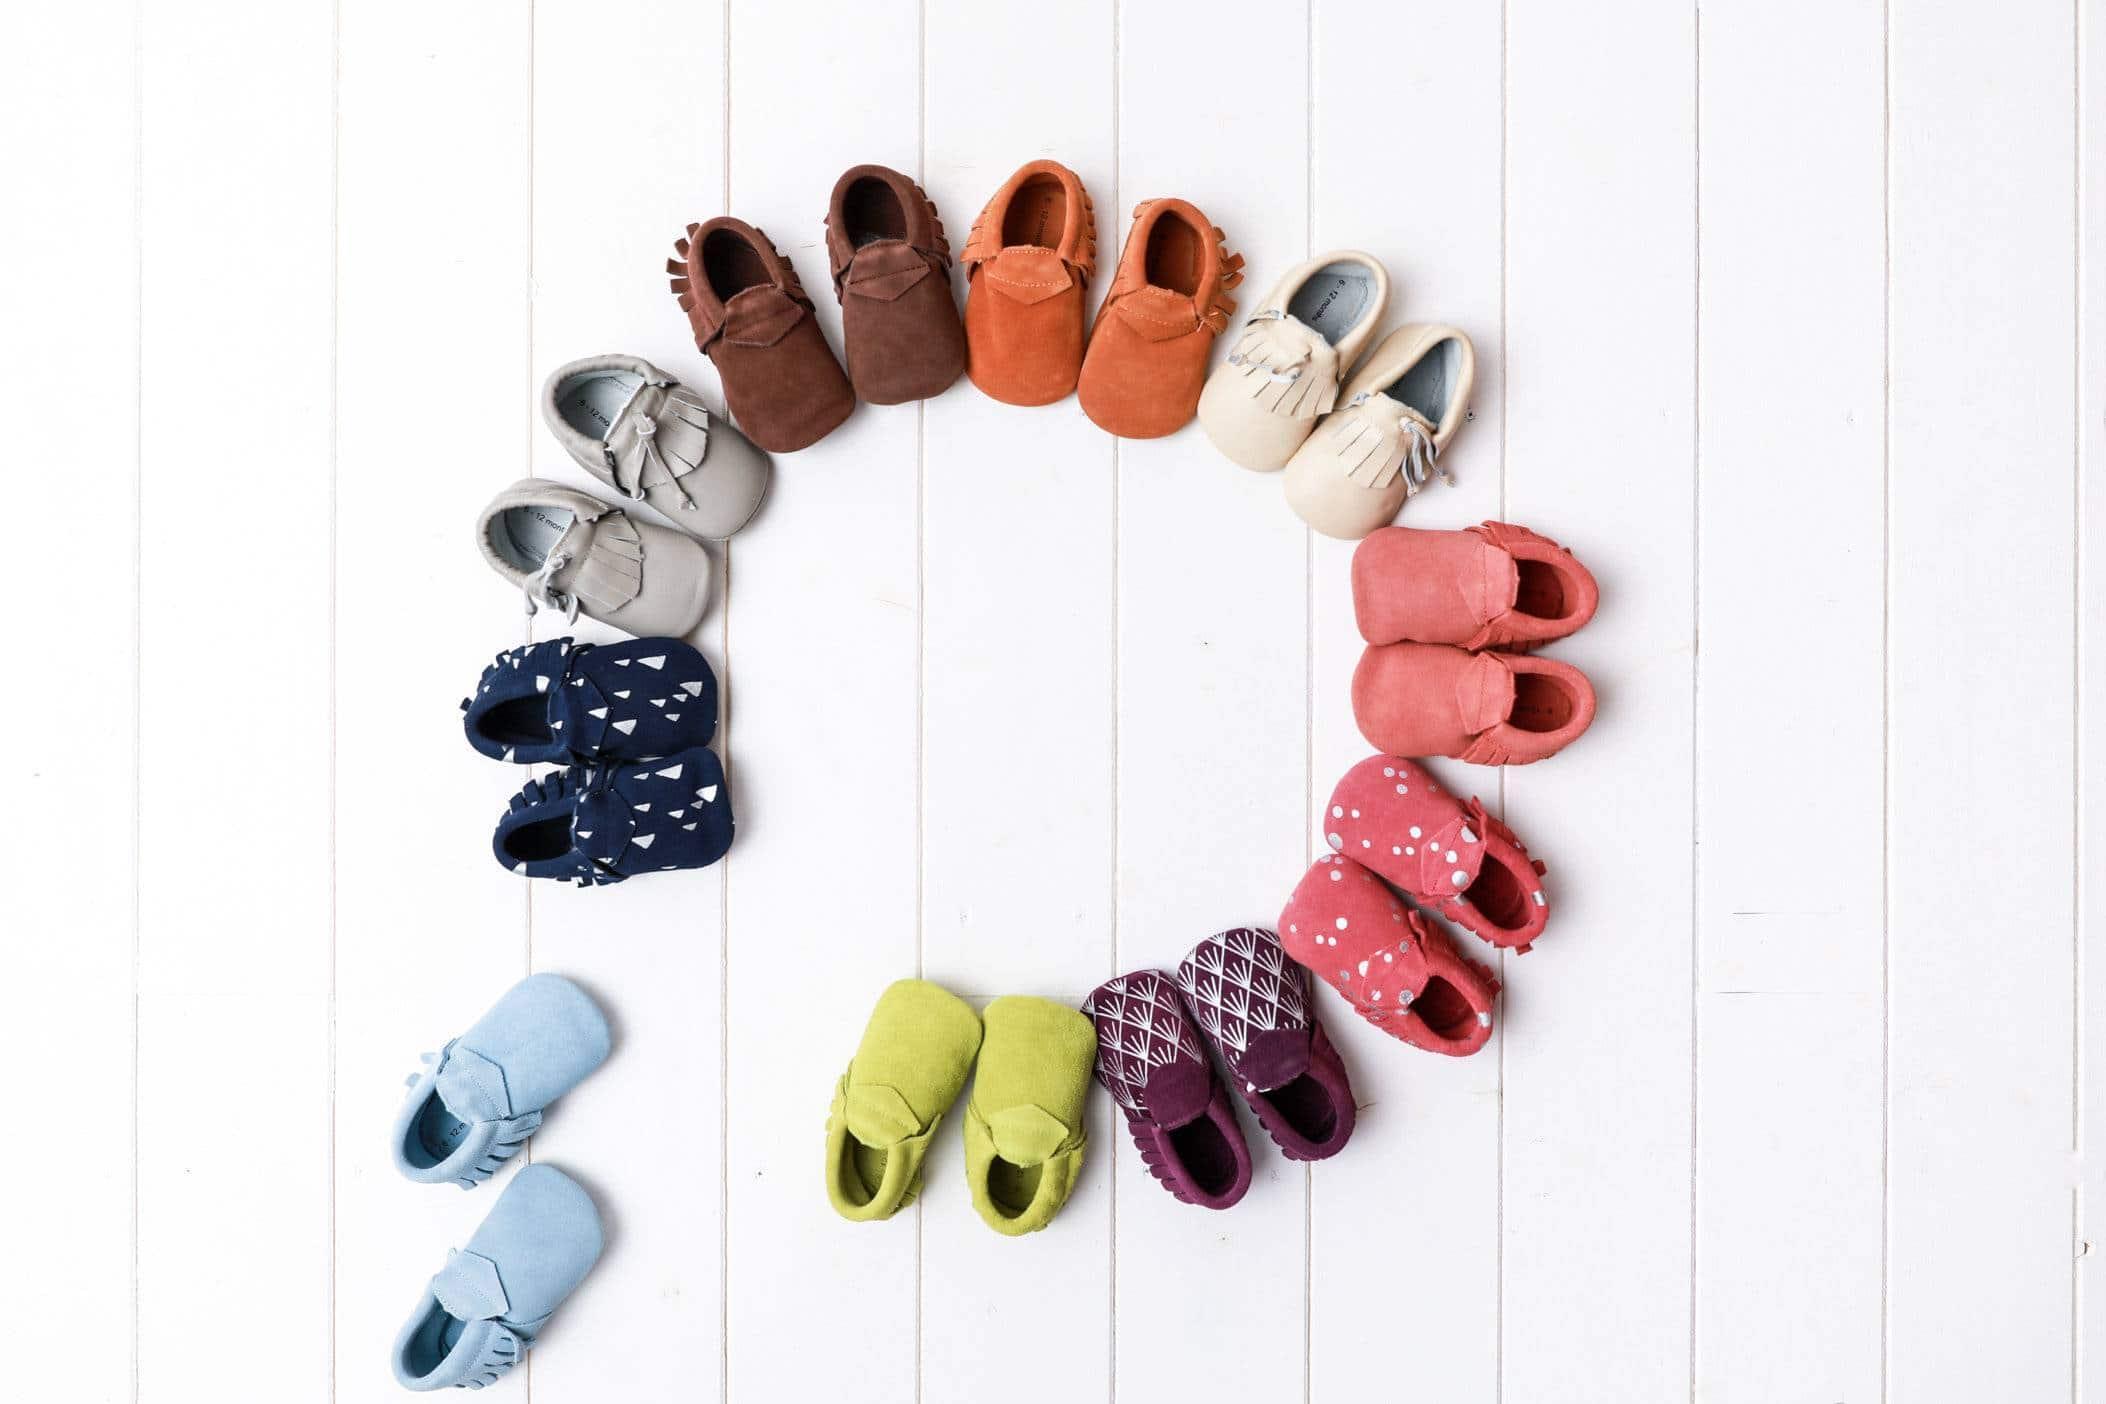 image chaussons tendance premier offrez noel - Premier Noël de Bébé : offrez des chaussons en cuir tendance